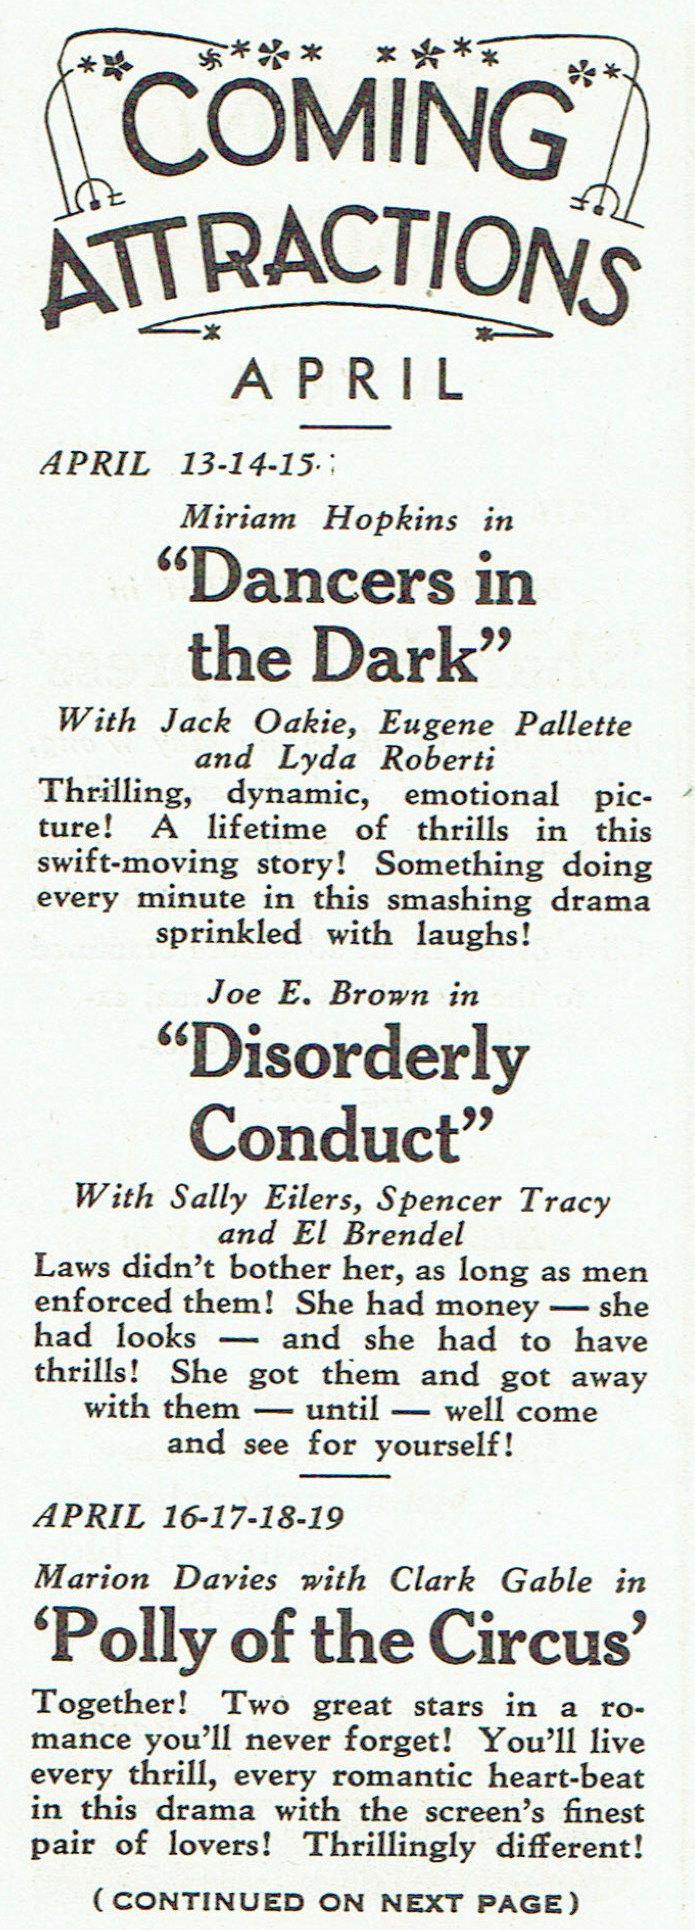 carole lombard publix theatre screen review april 1932jb